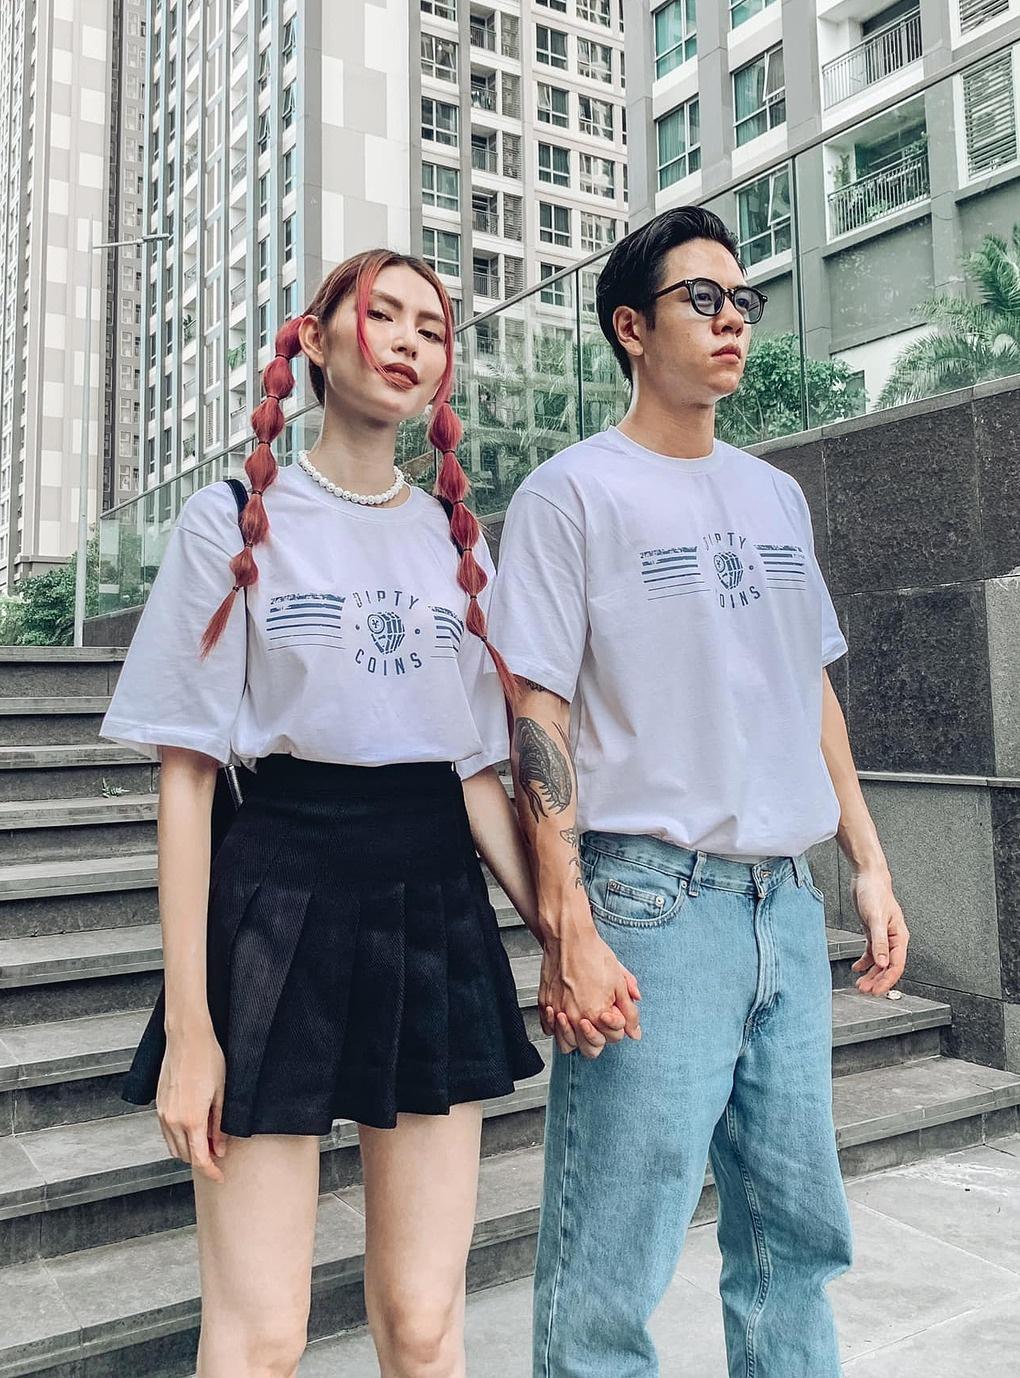 Người mẫu Thùy Dương hẹn hò nam chính Người ấy là ai